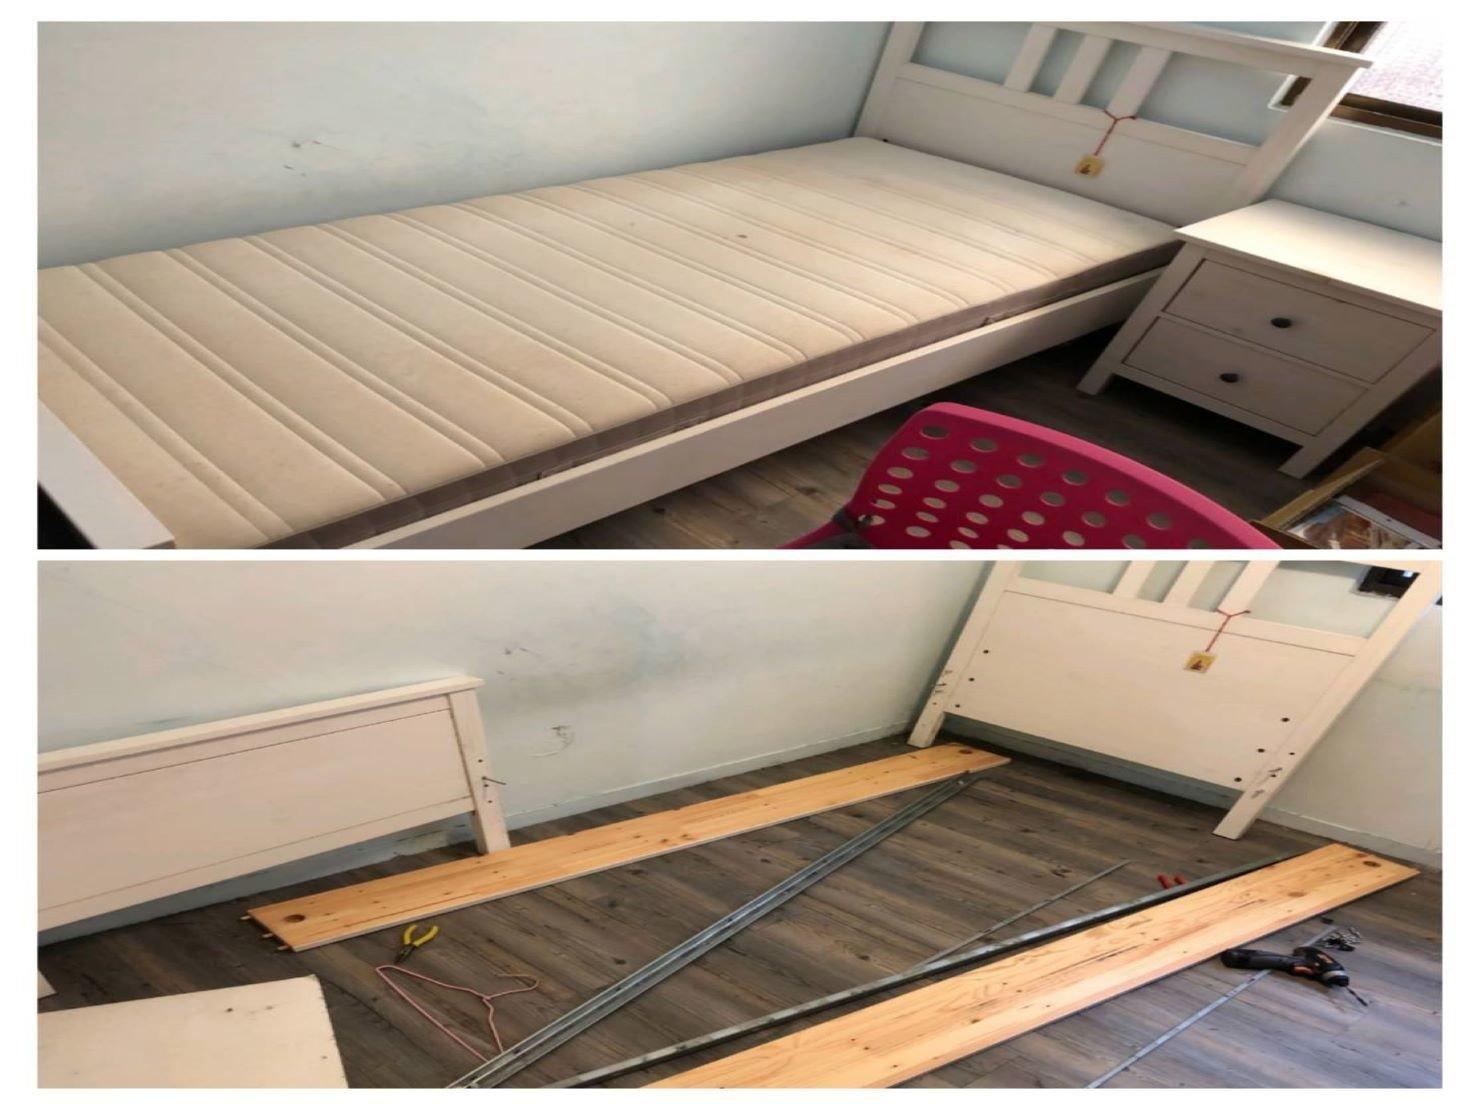 IKEA單人床組拆裝搬運搬家